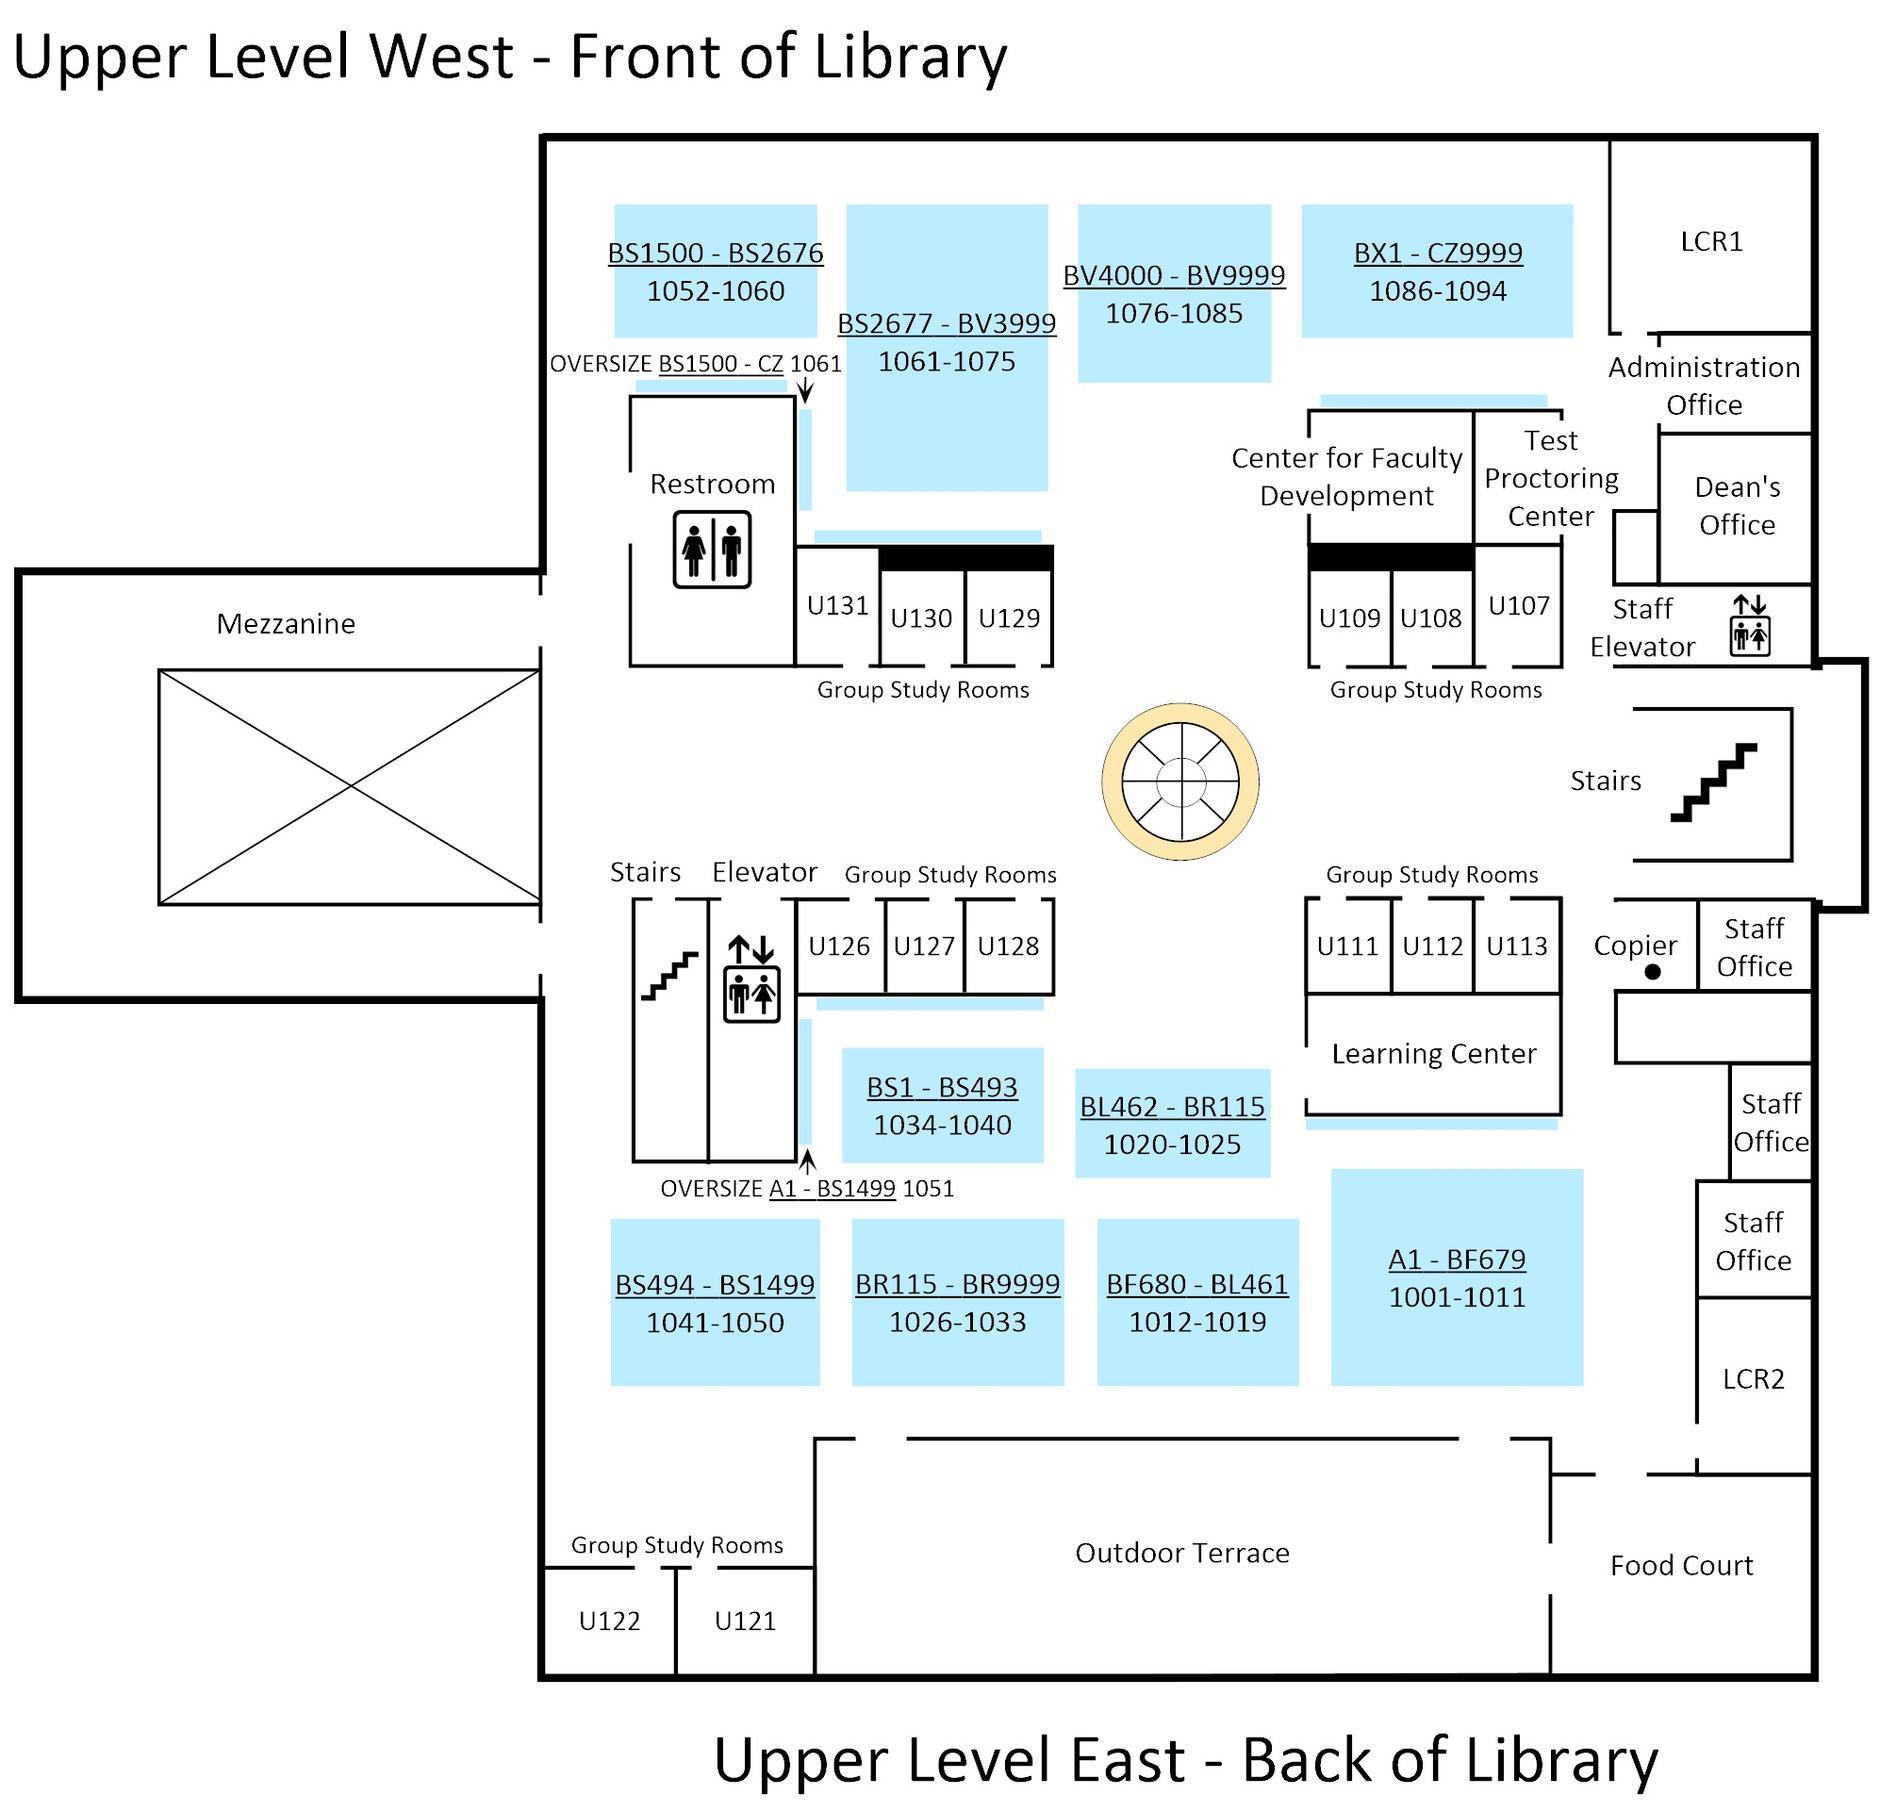 Full size floor plan for upper level of Biola's library